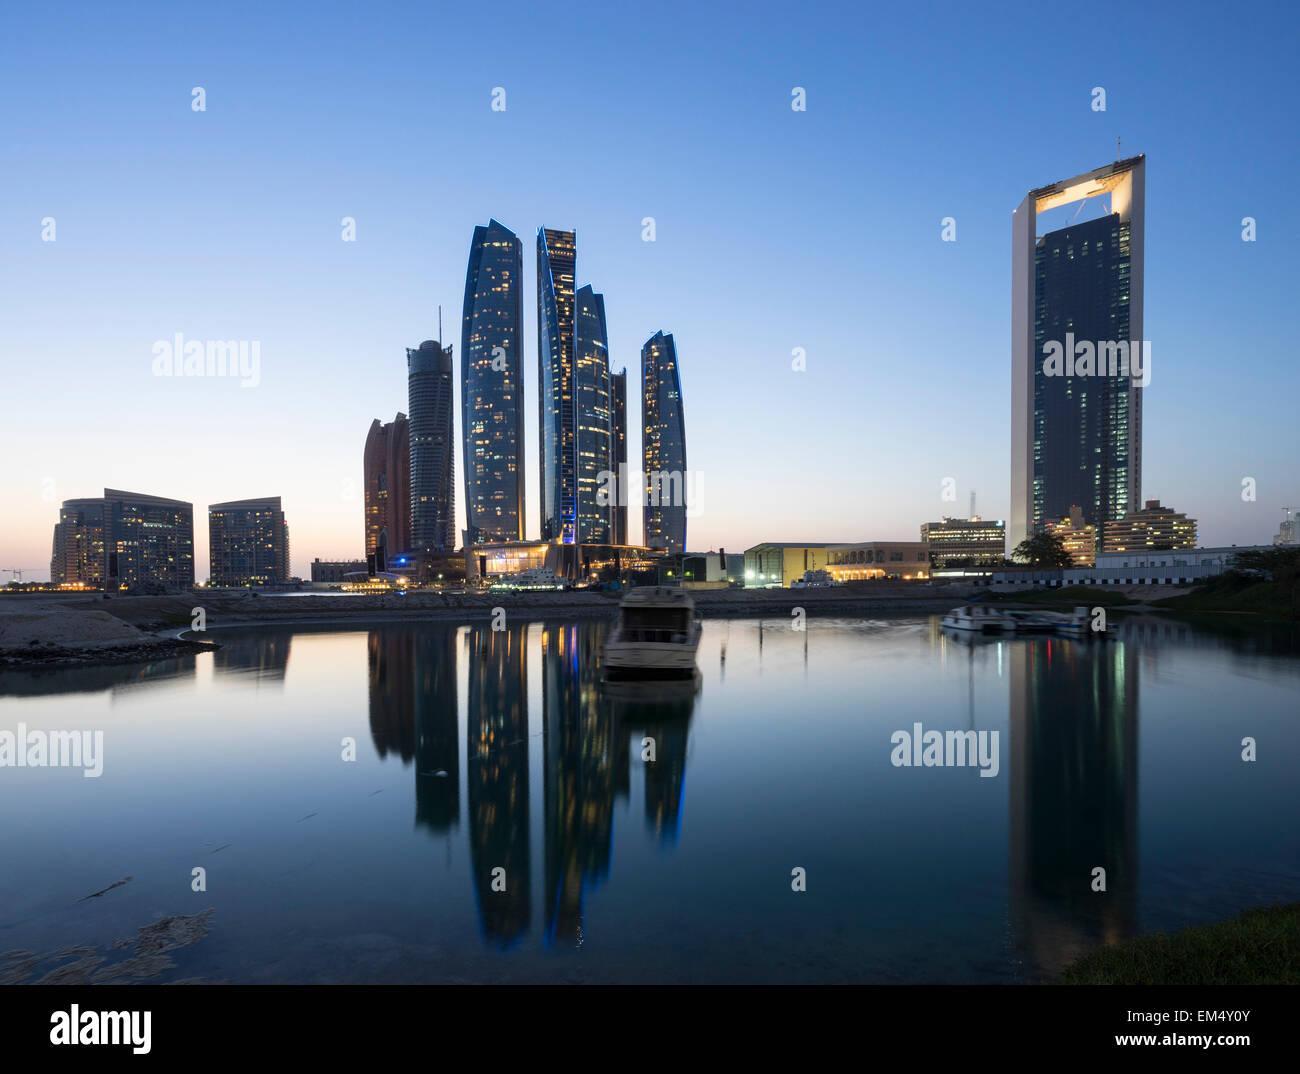 Noche vista del horizonte de Etihad Towers en Abu Dhabi, en Emiratos Arabes Unidos Imagen De Stock